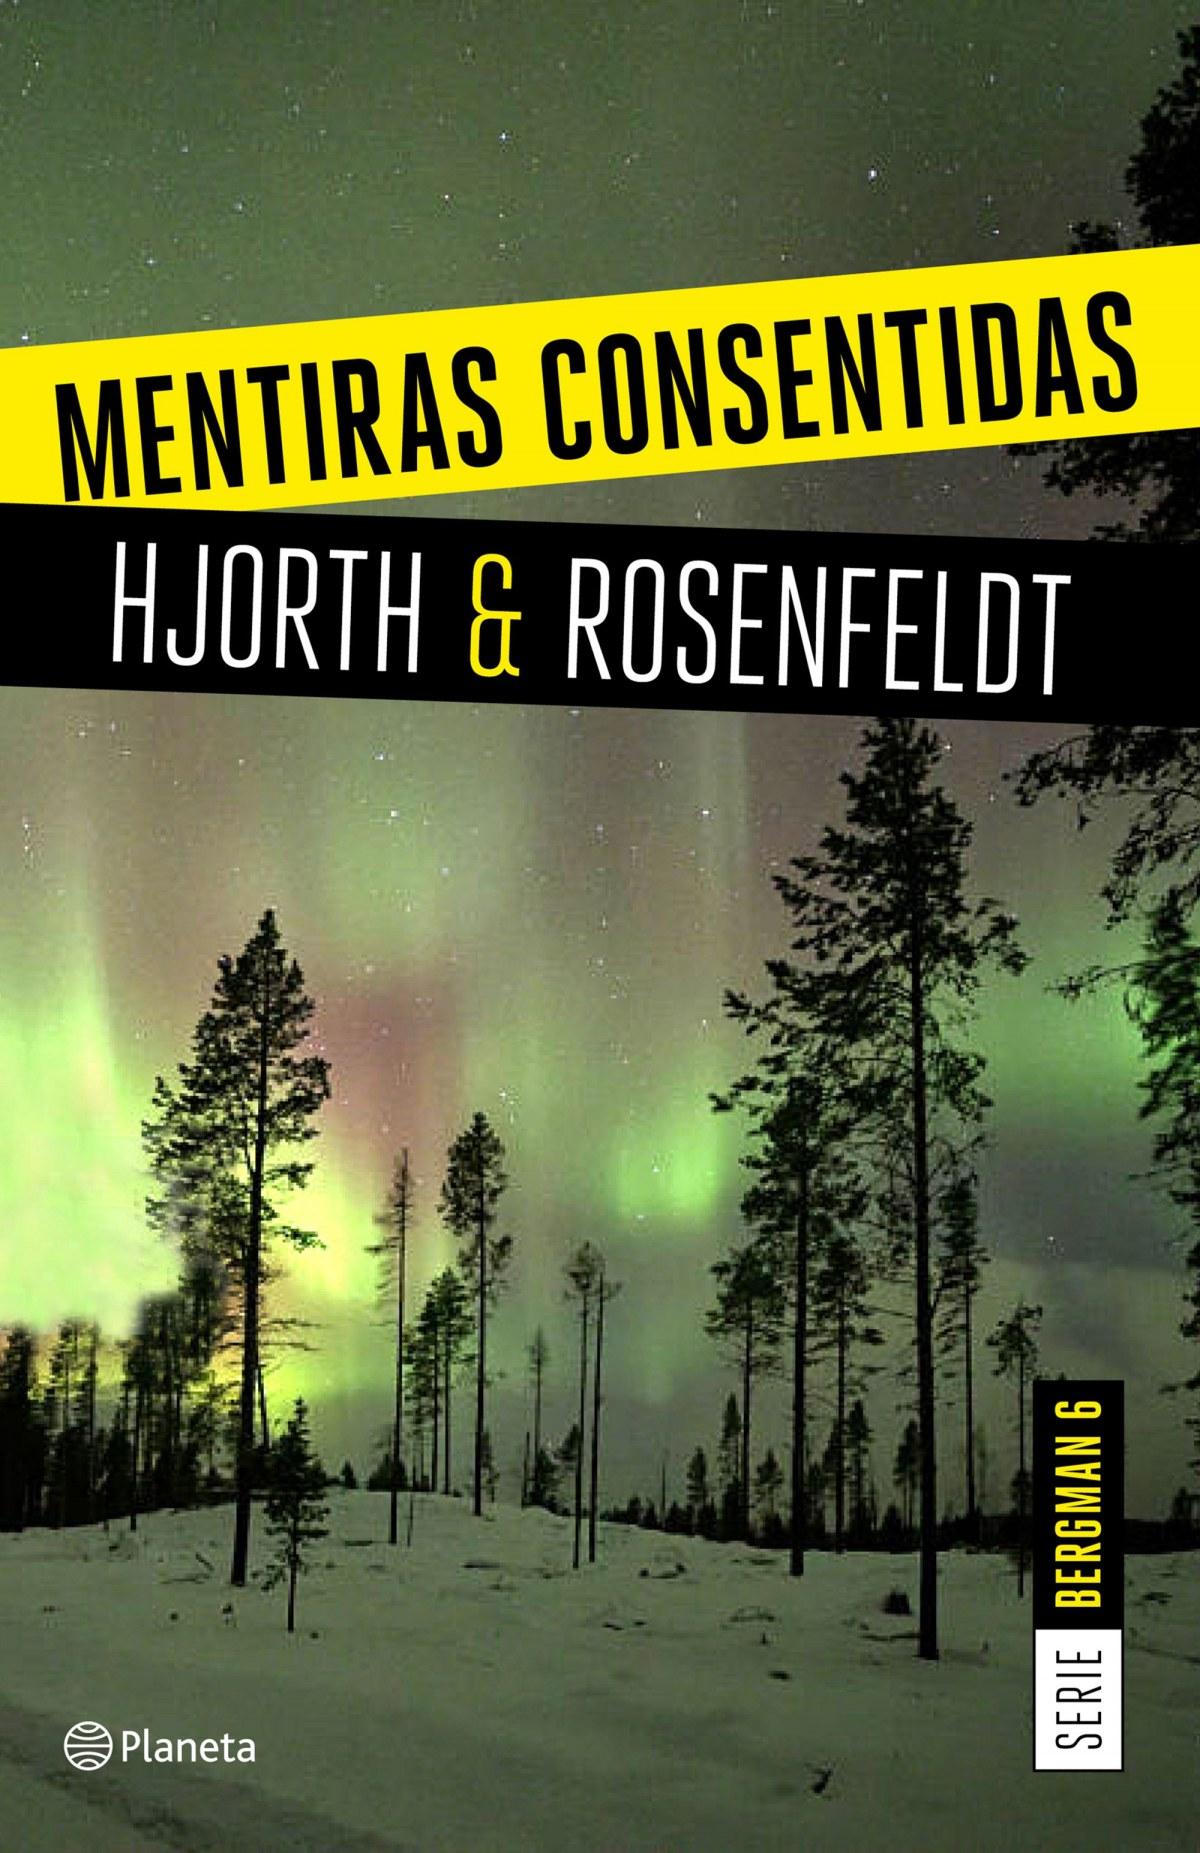 MENTIRAS CONSENTIDAS 9788408205326